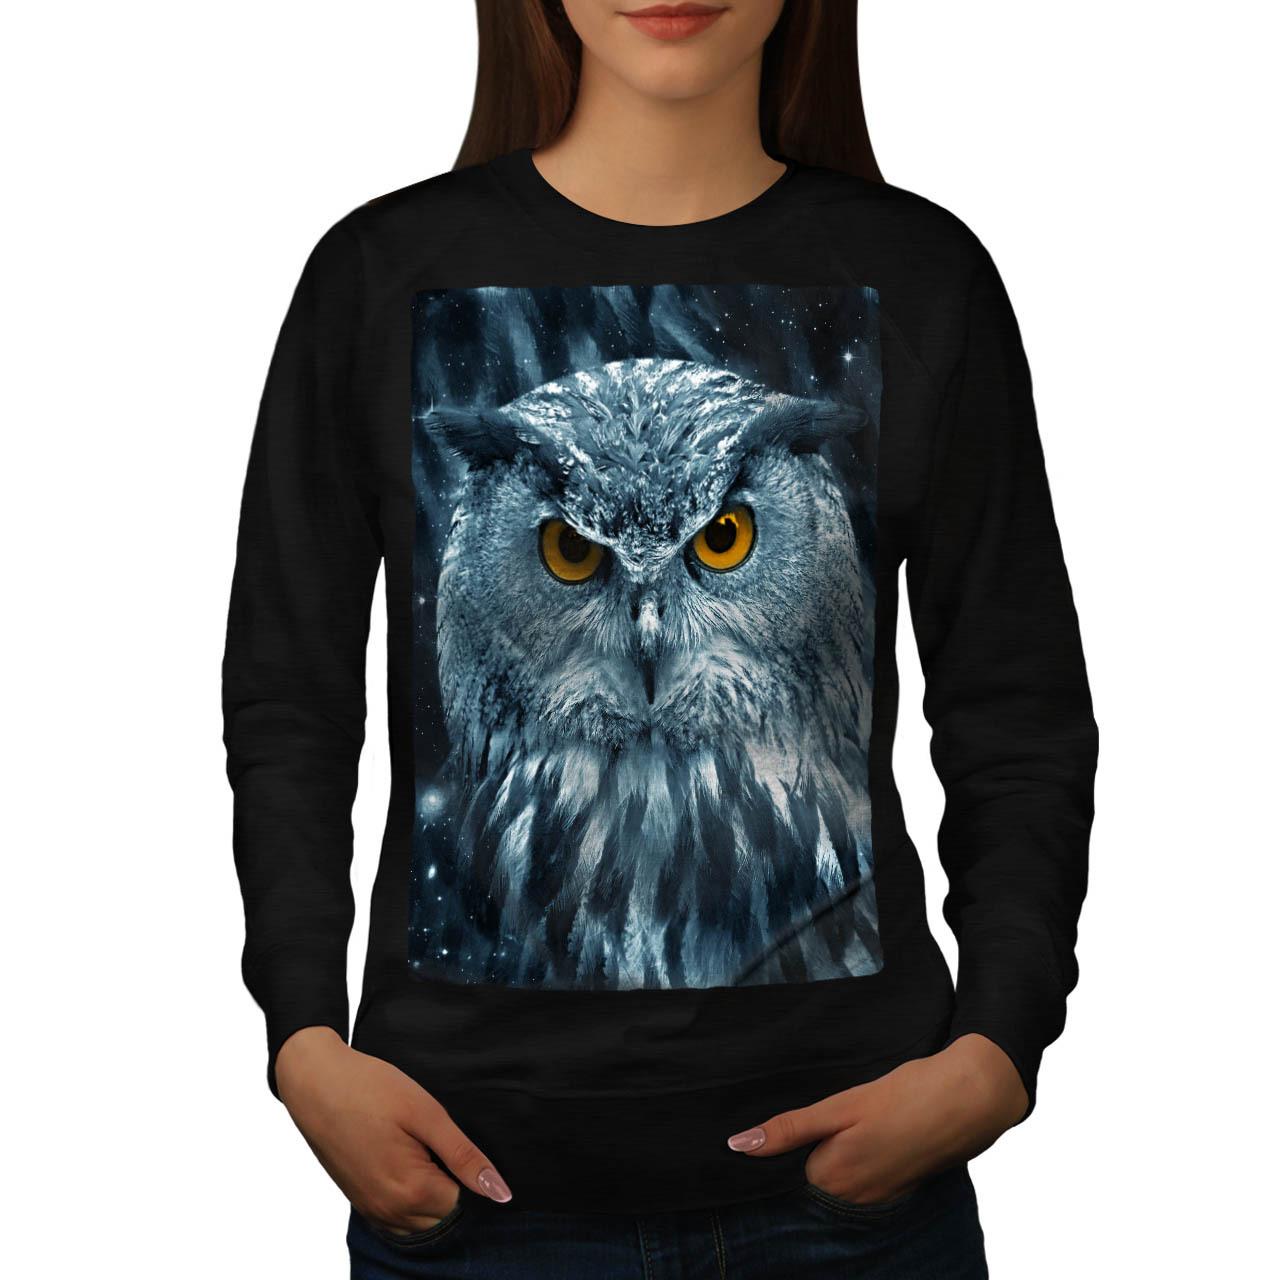 Wild Looking Owl Jumper Mother Nature Women Sweatshirt - $18.99